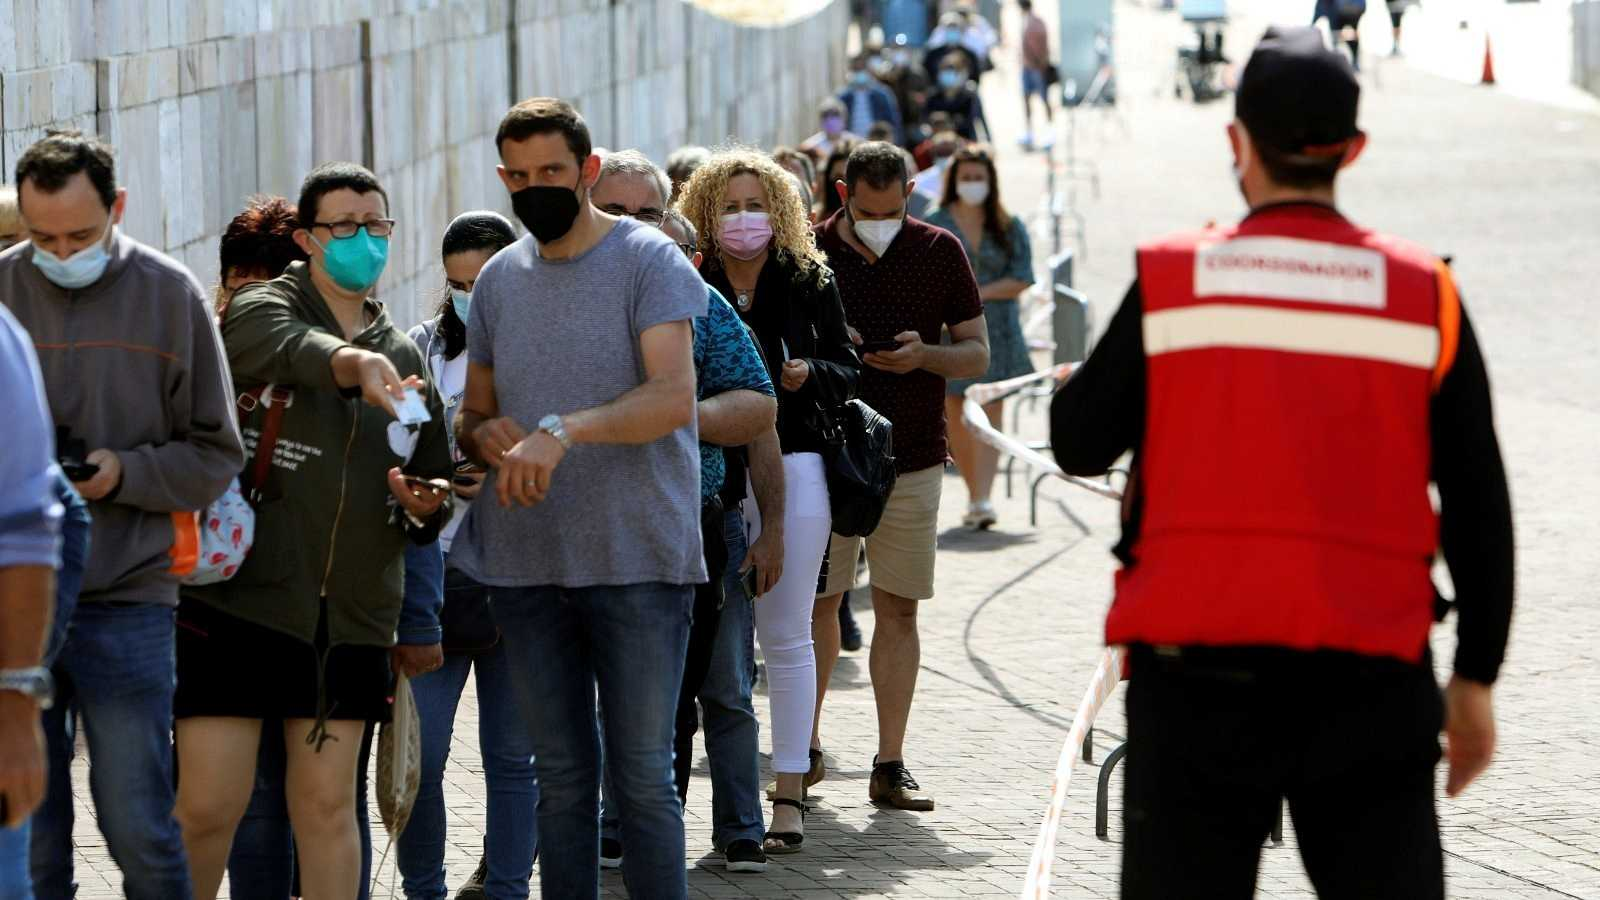 Larga cola para vacunarse contra el COVID-19 en la Ciudad de la Cultura en Santiago de Compostela